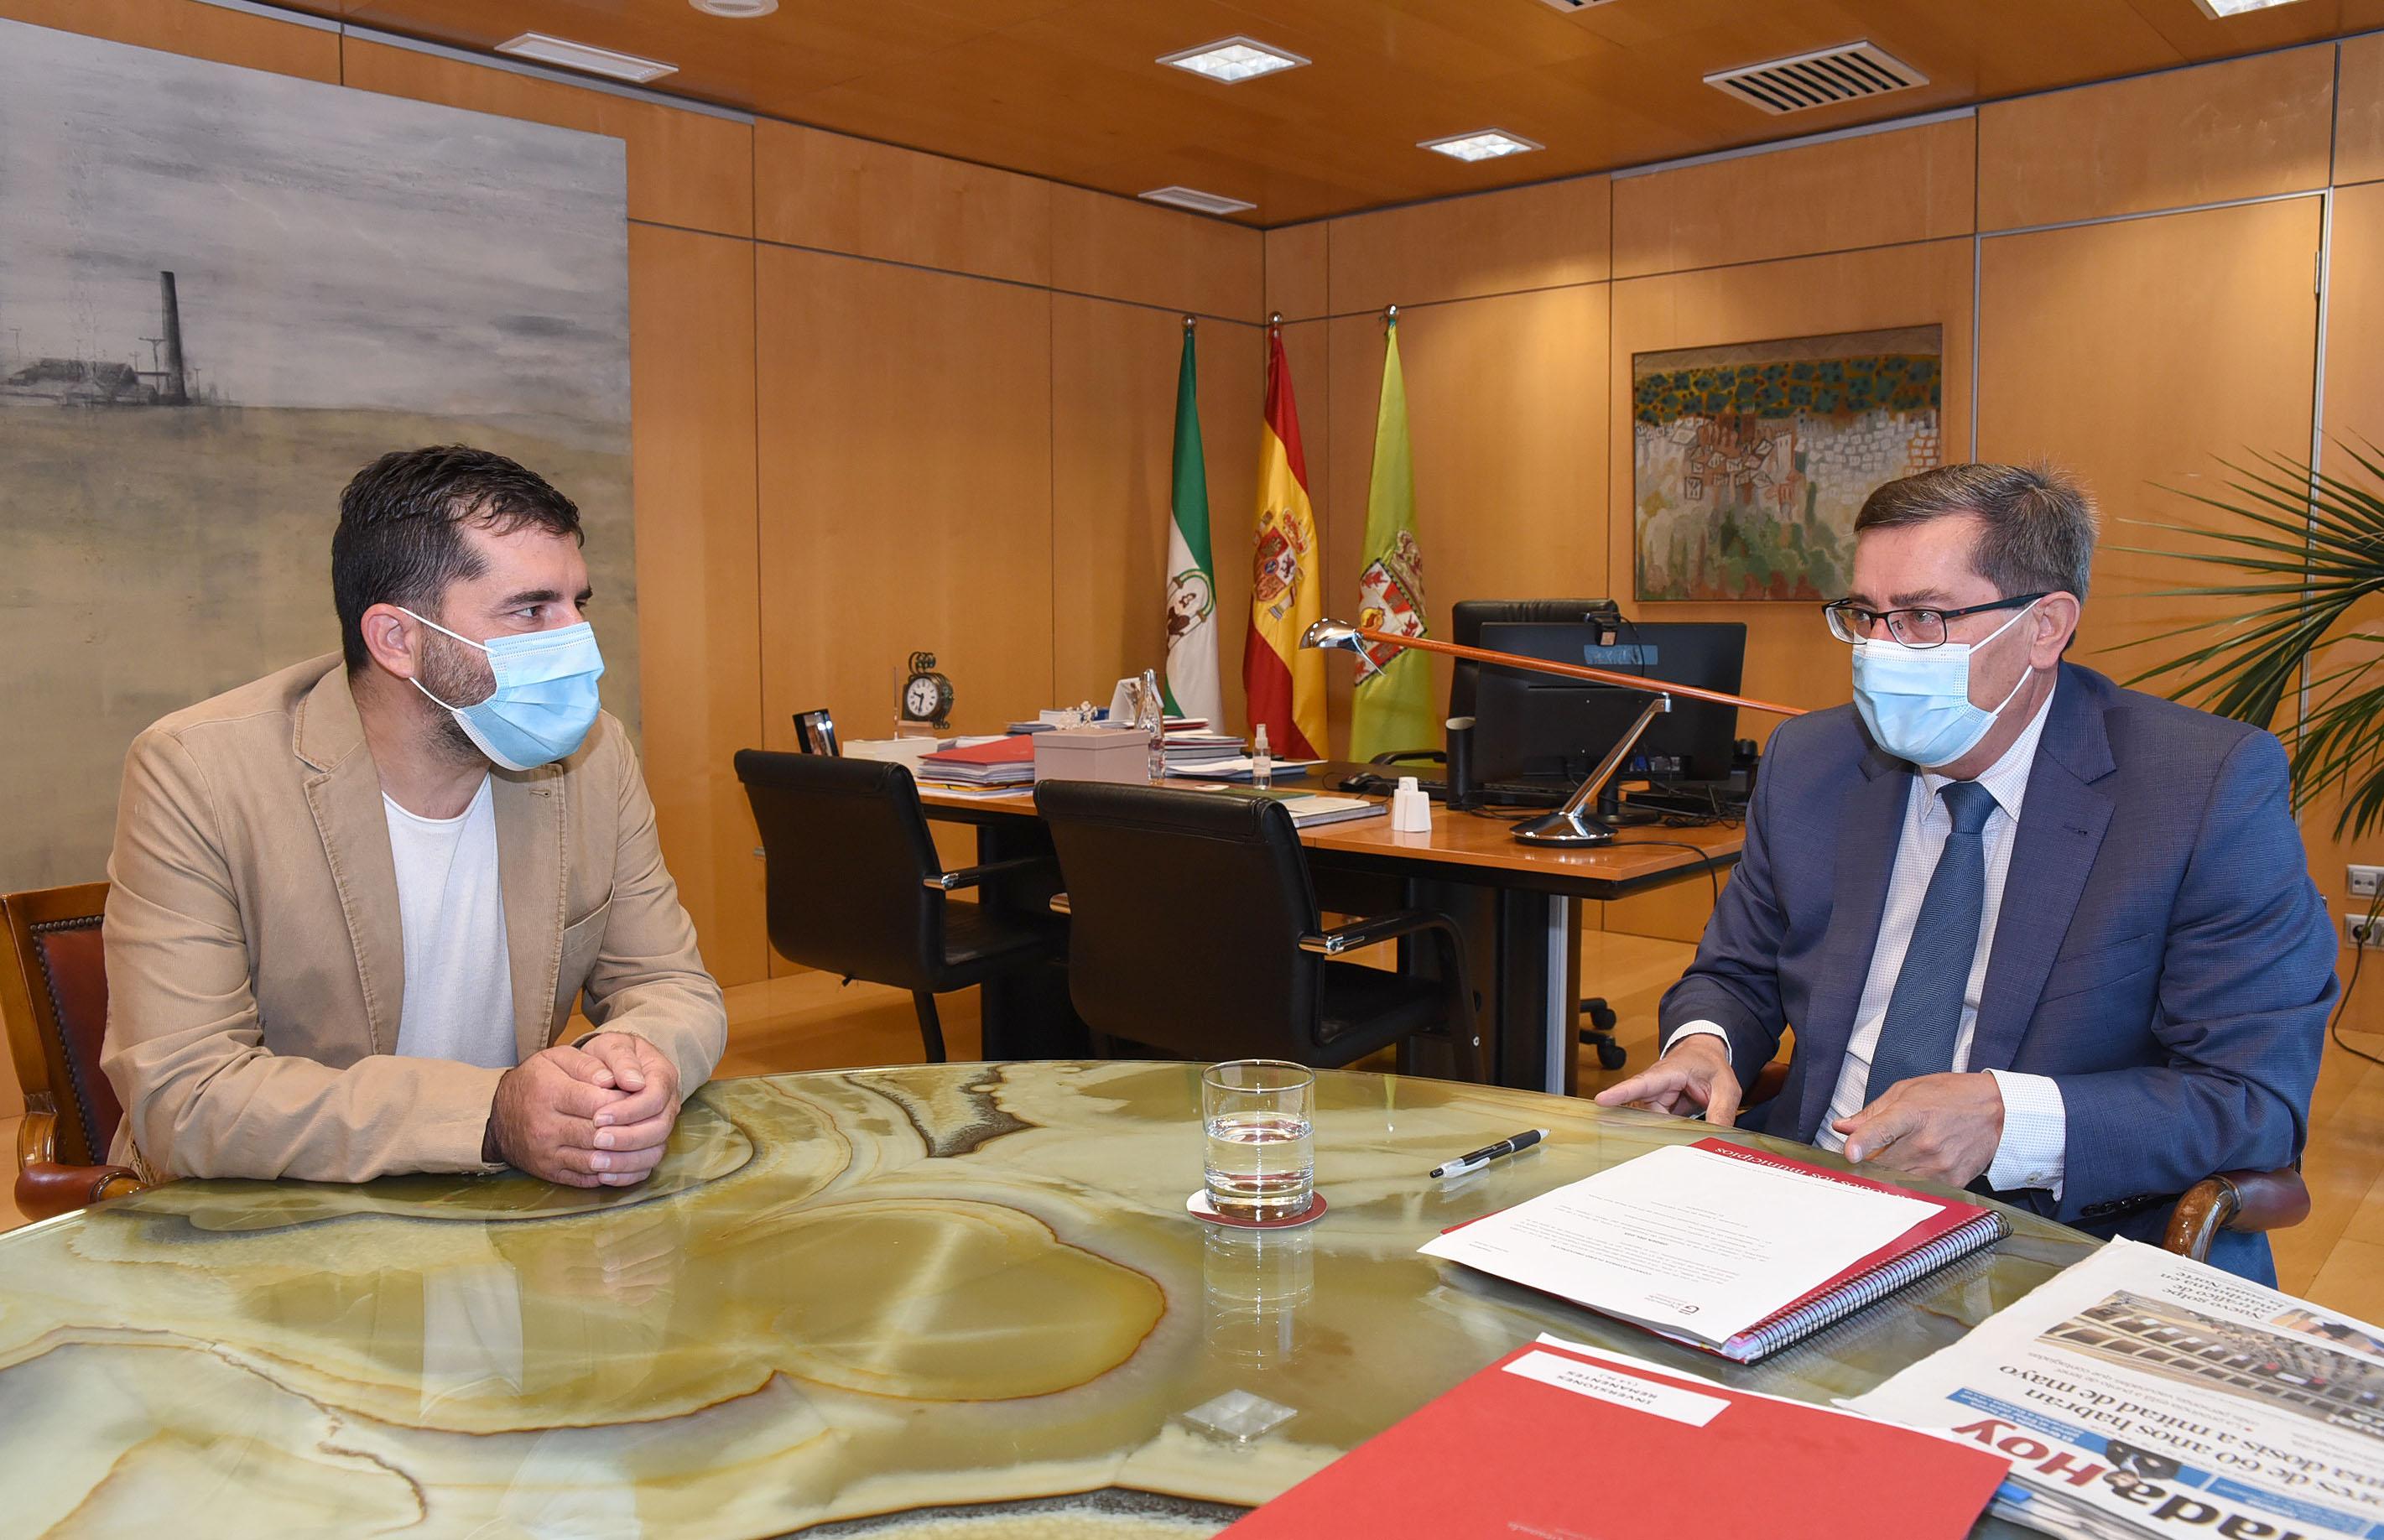 Entrena recibe al nuevo secretario general de CCOO en Granada, Daniel Mesa